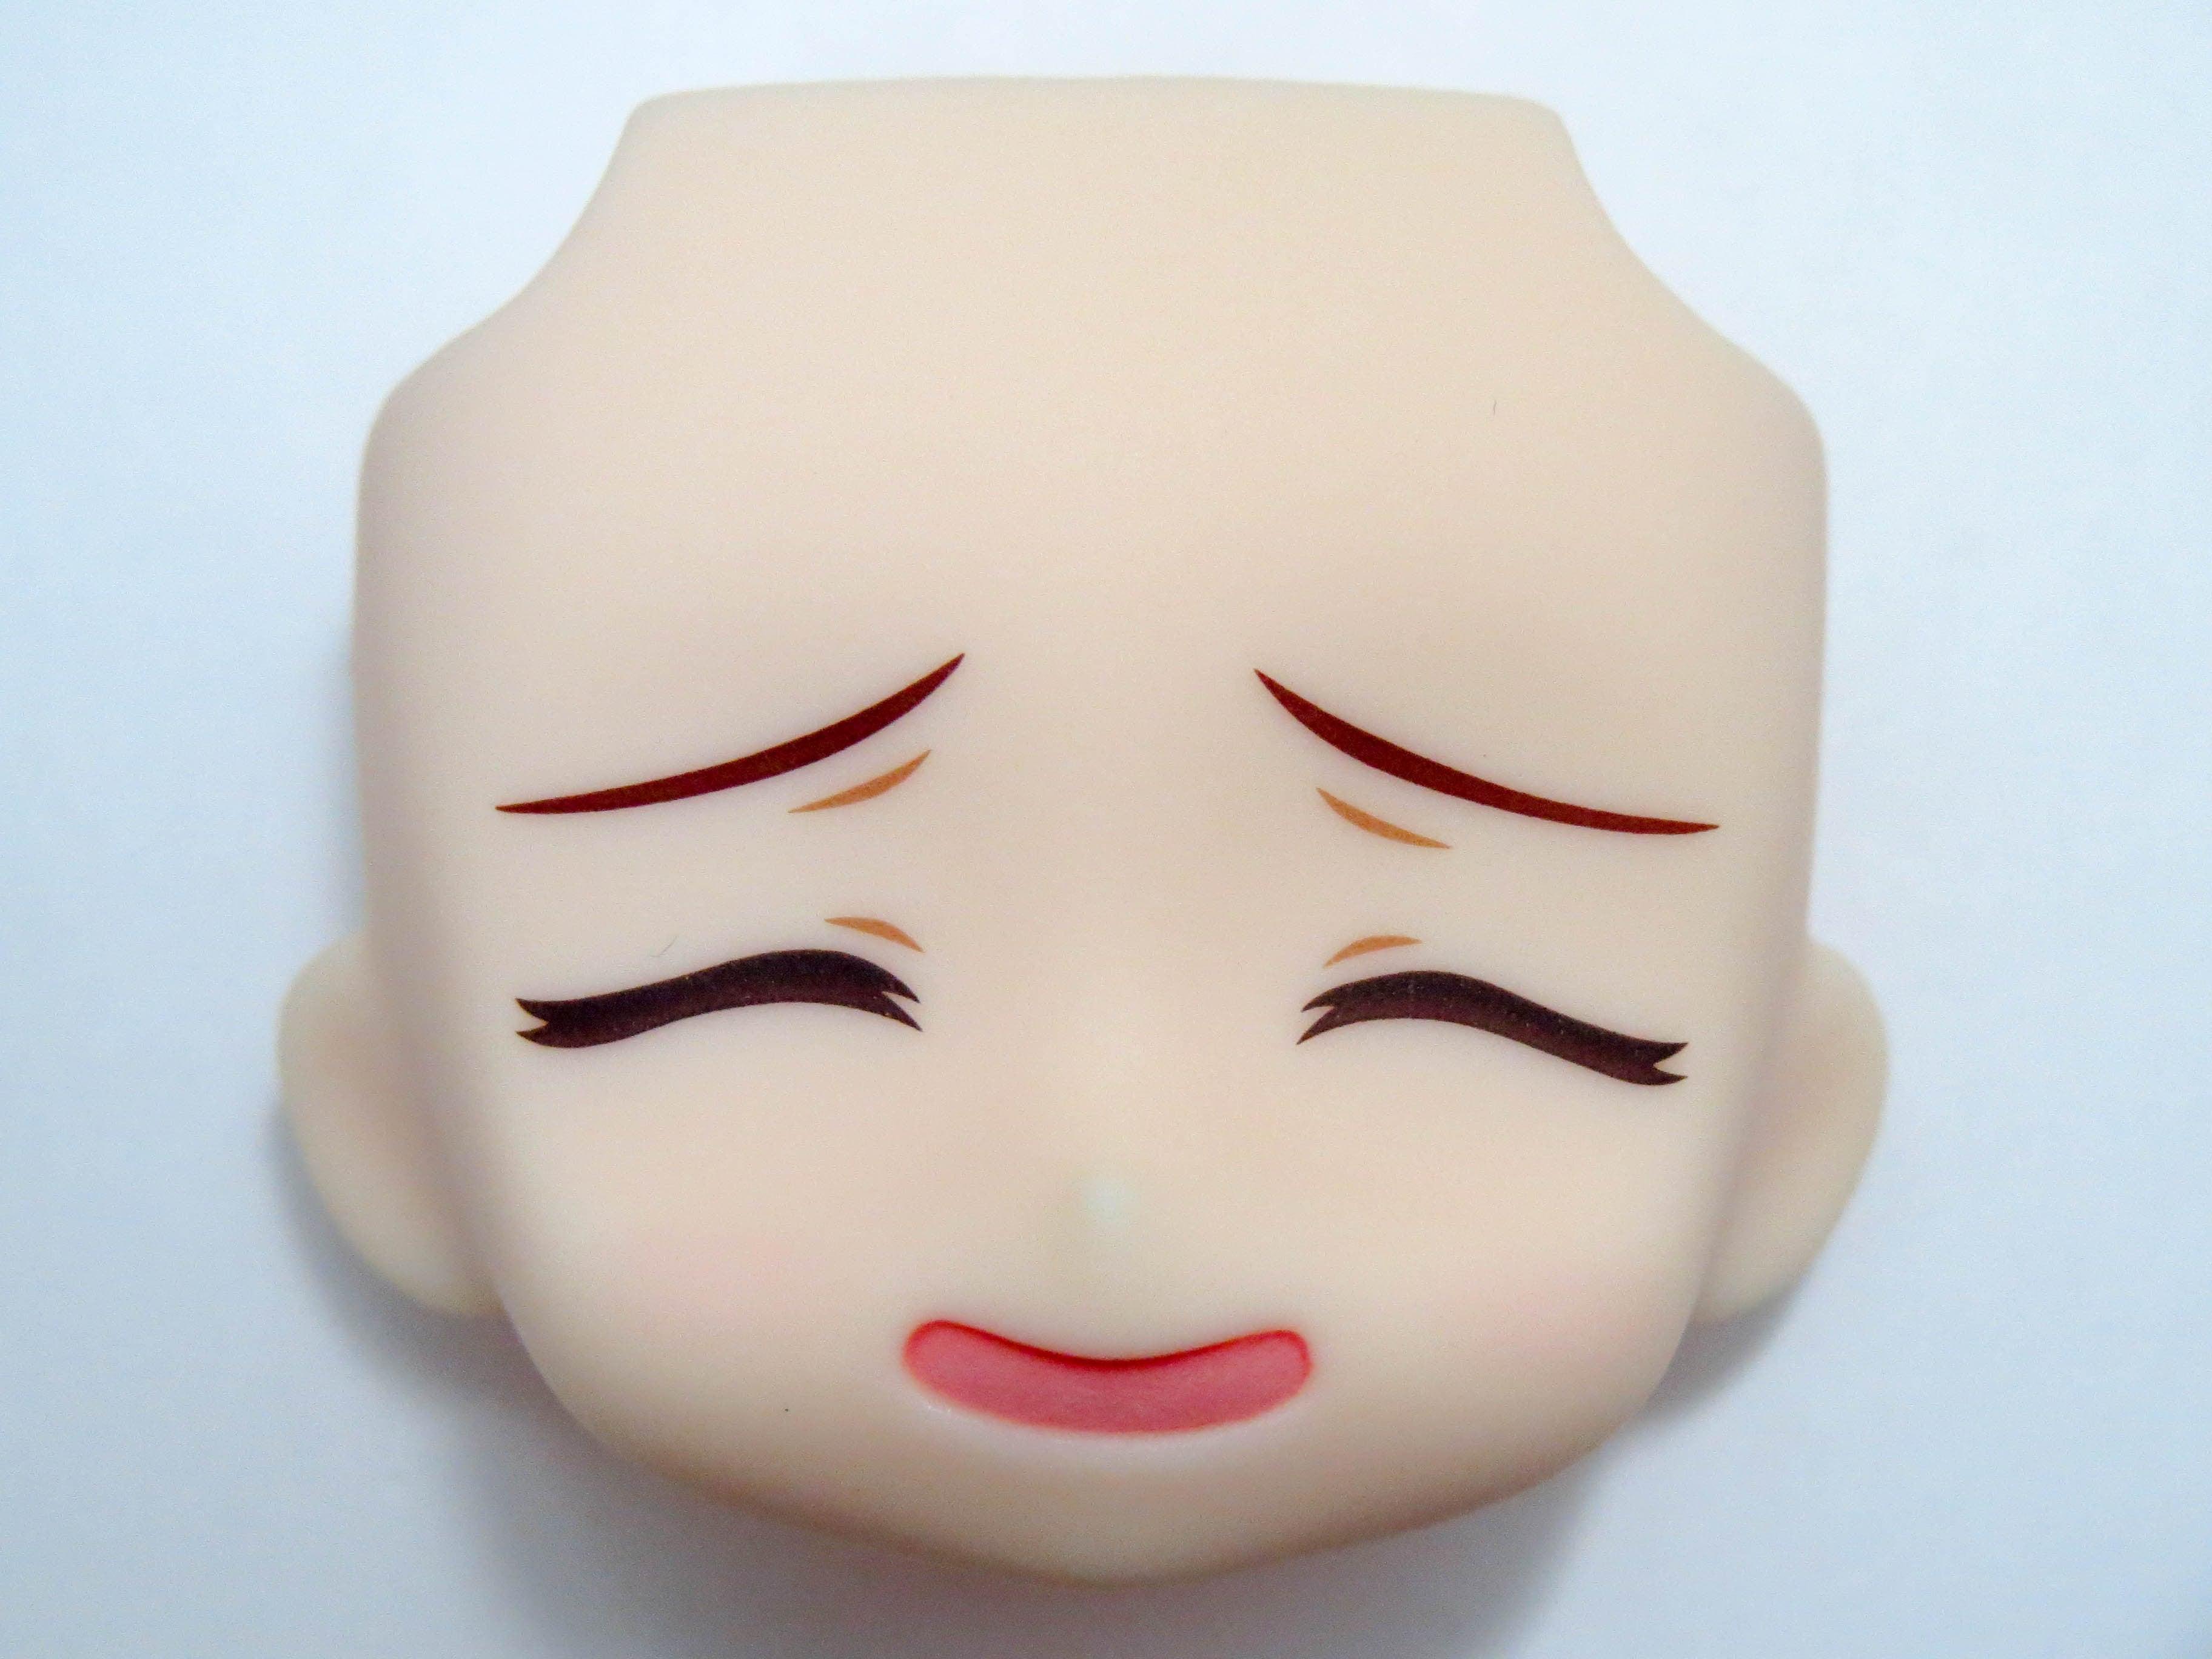 【412】 秋山優花里 顔パーツ にやけ顔 ねんどろいど